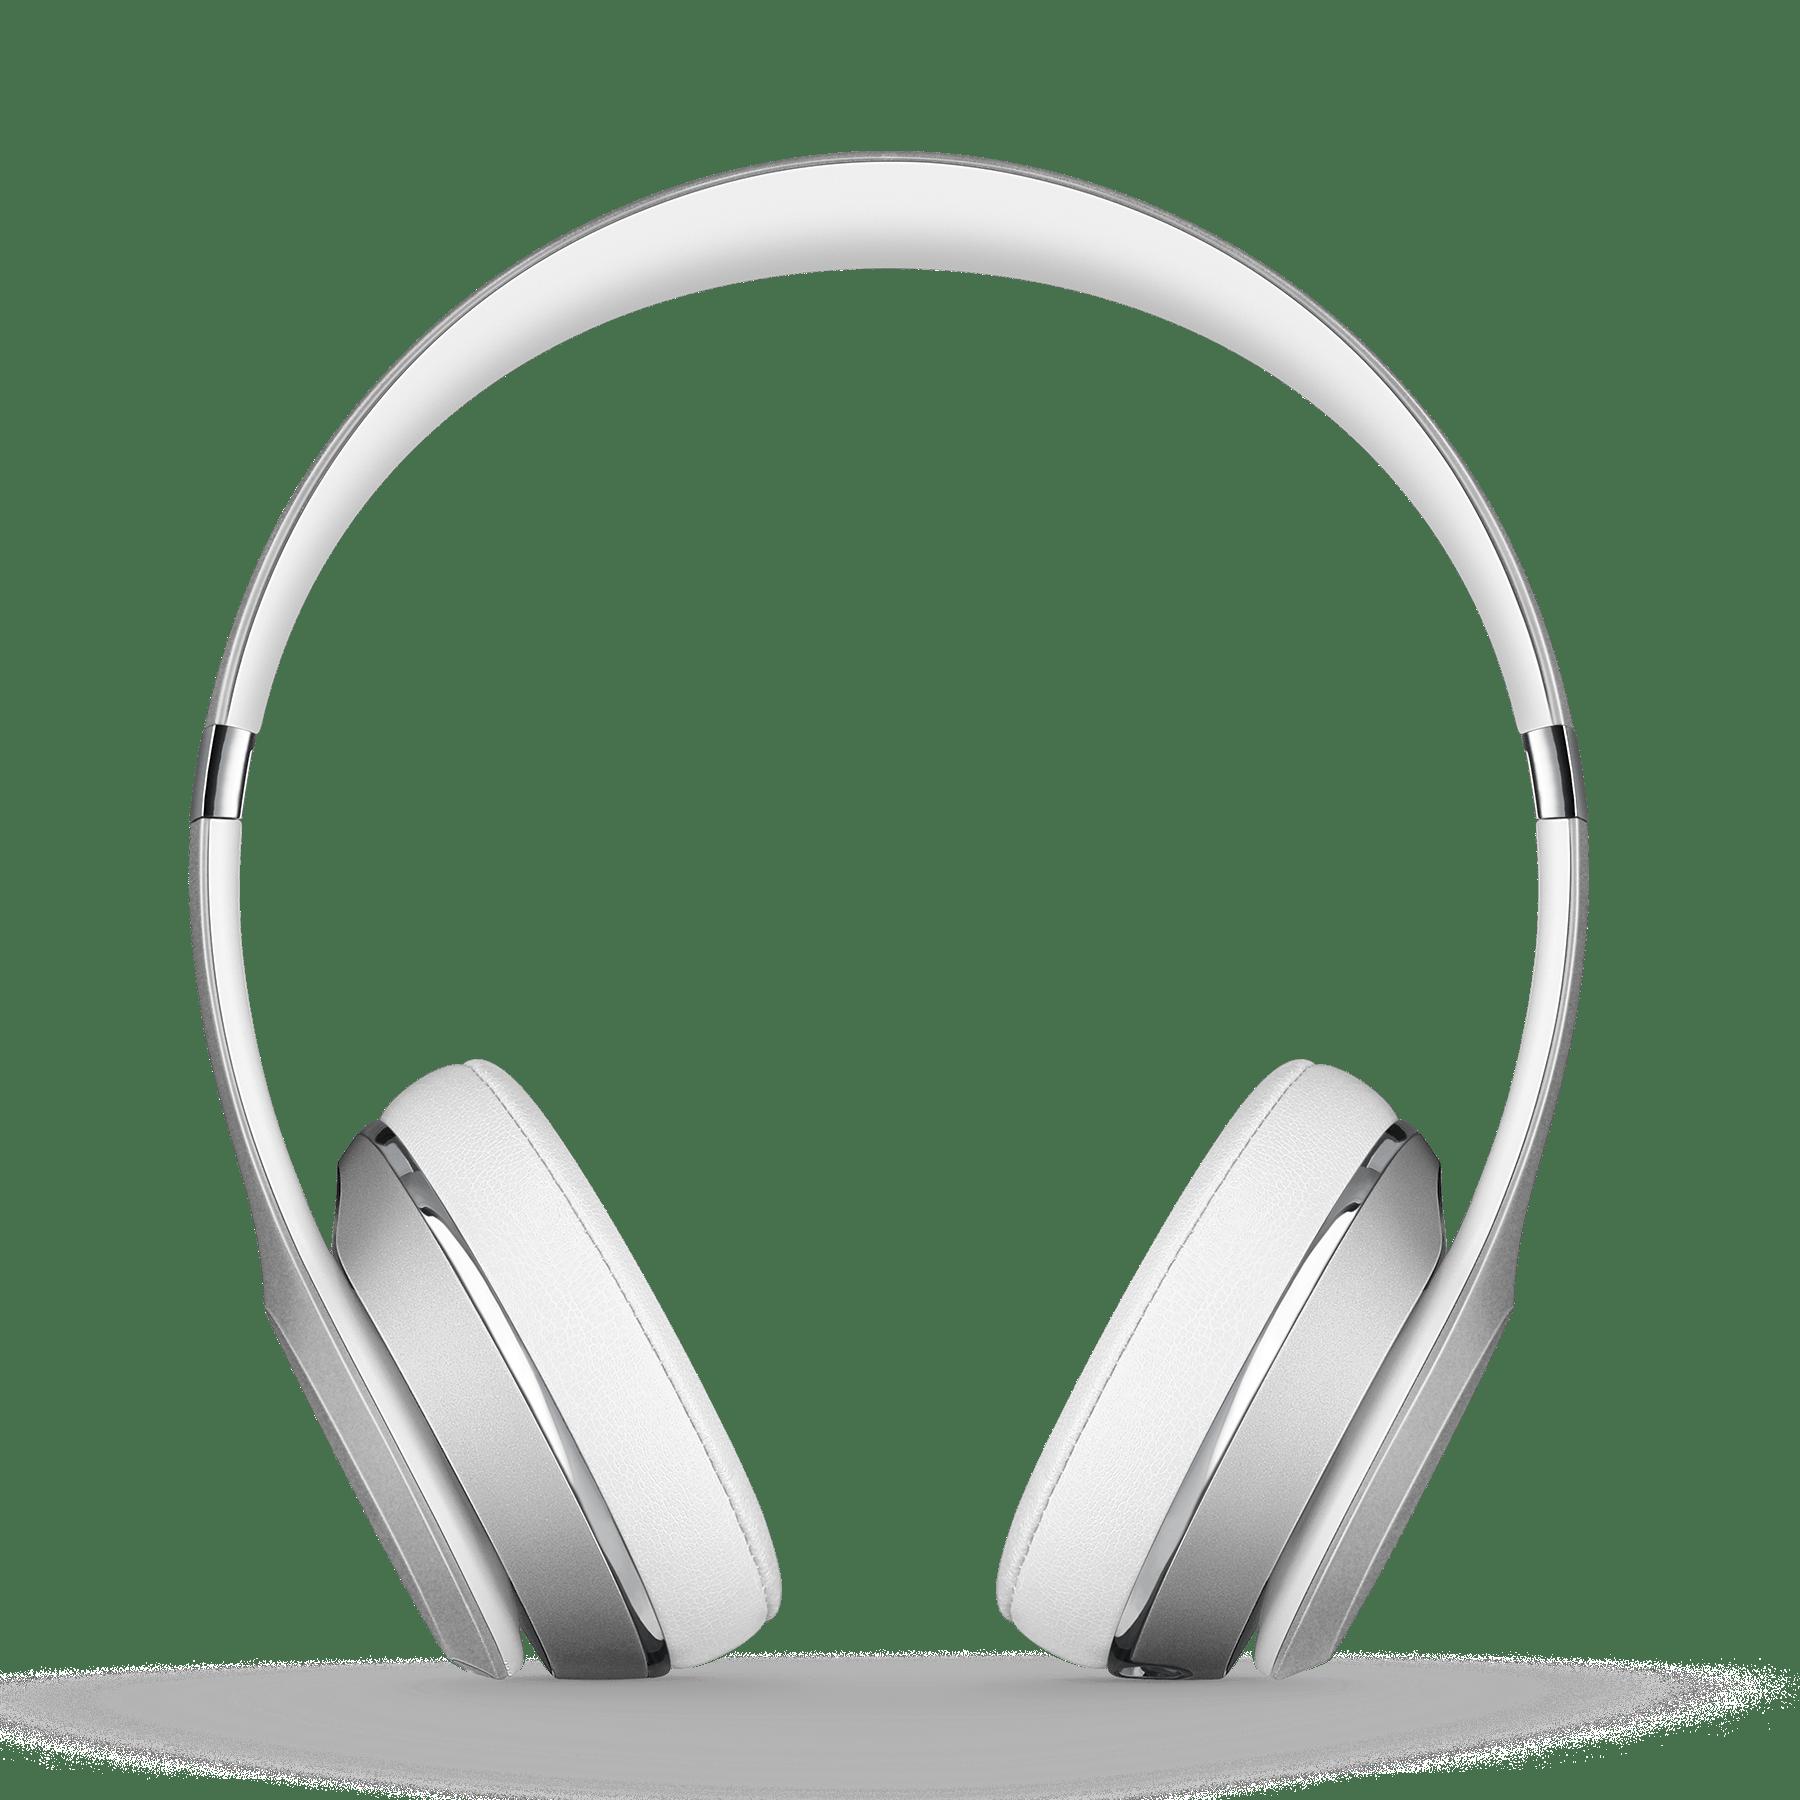 Beats headphones red wireless - beats wireless headphones matte